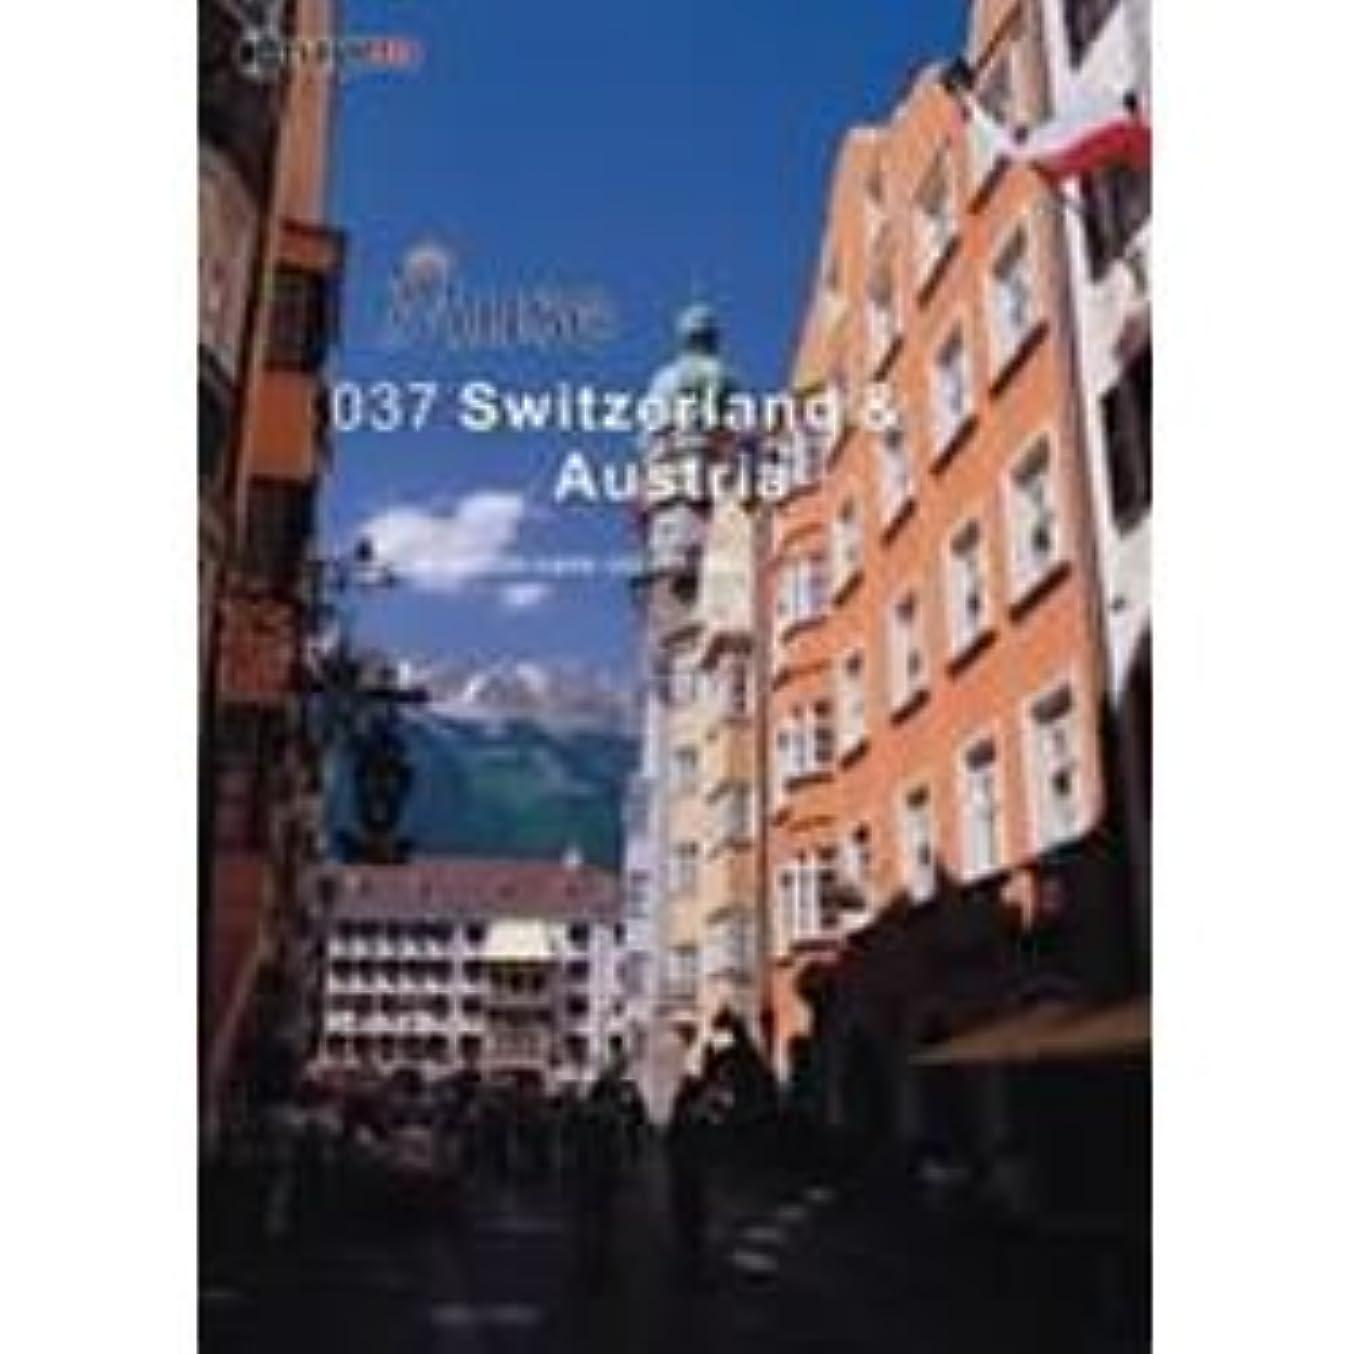 朝の体操をするシール作成者ミューズ Vol.37 スイス&オーストリア紀行